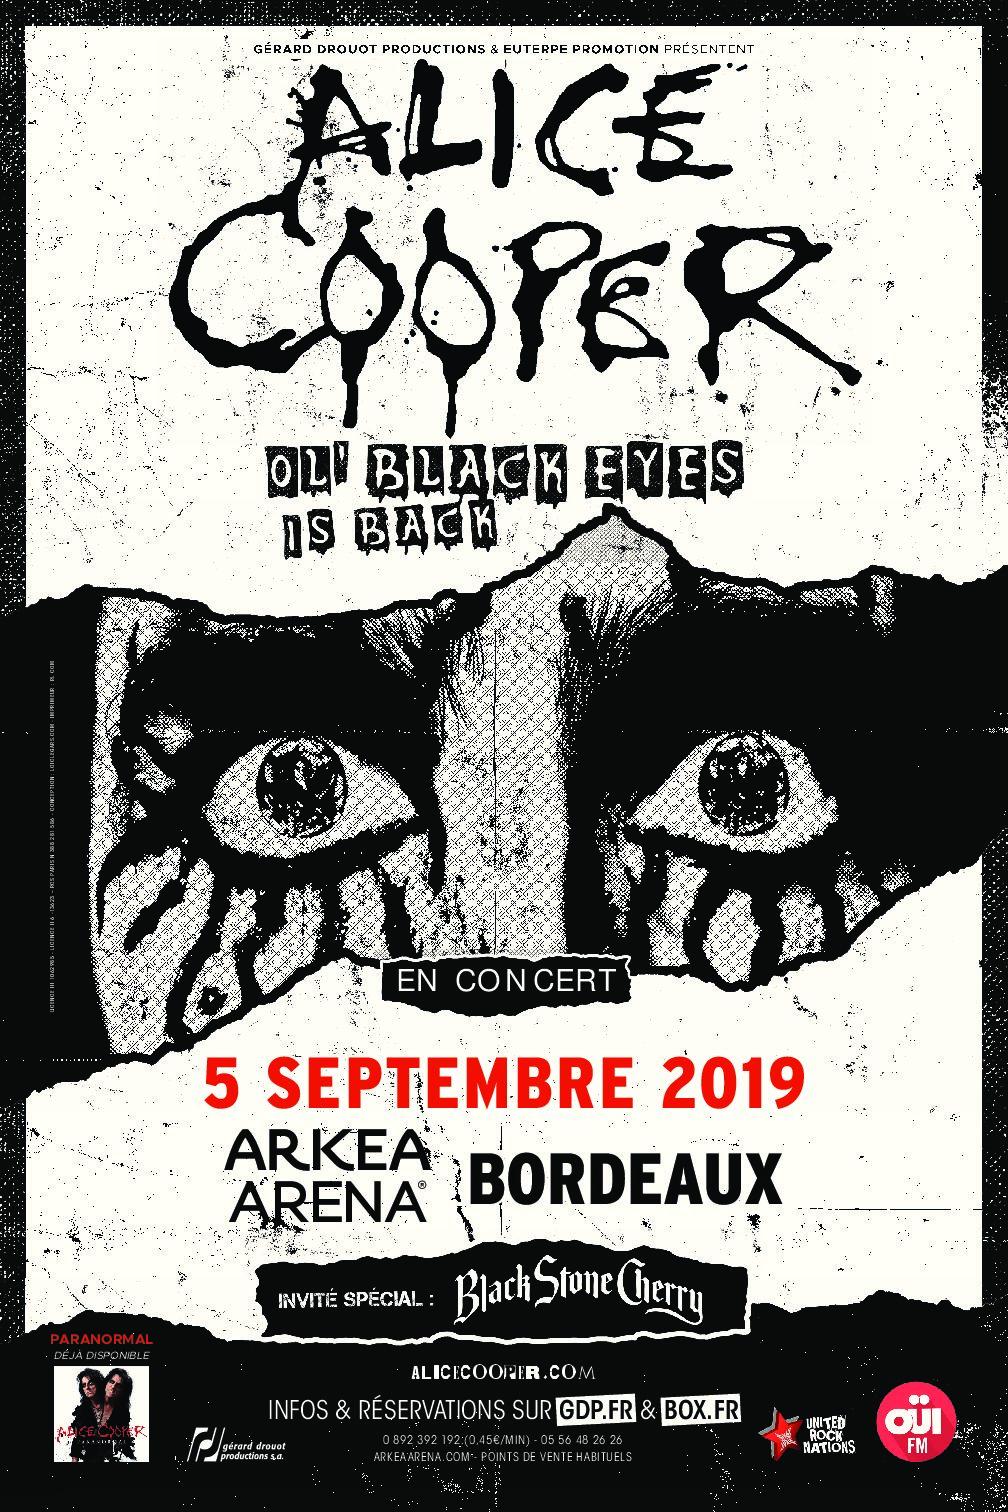 ALICE COOPER + Black Stone Cherry @ l'Arkea Arena (Bordeaux)